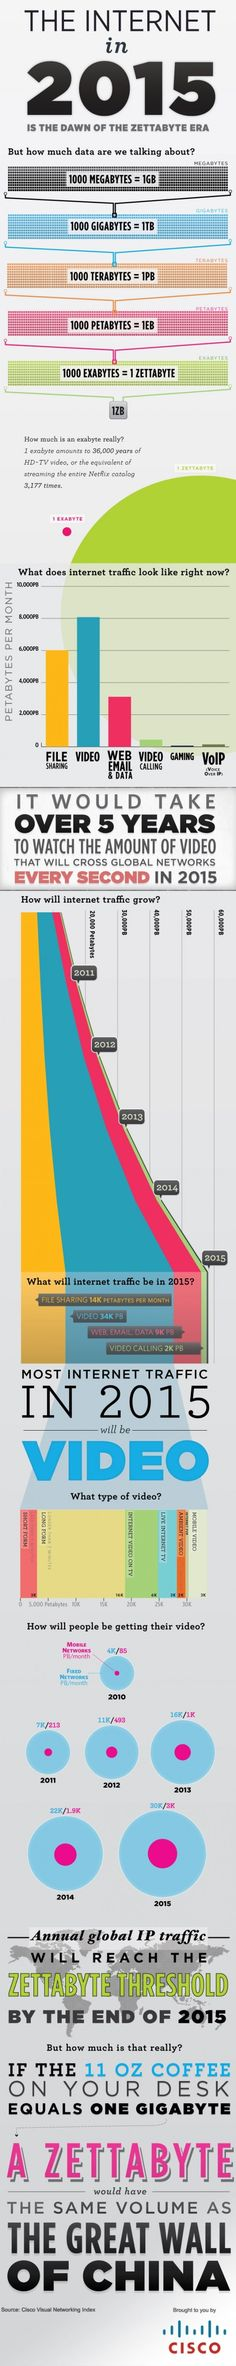 Futuro: infografica su internet nel 2015...